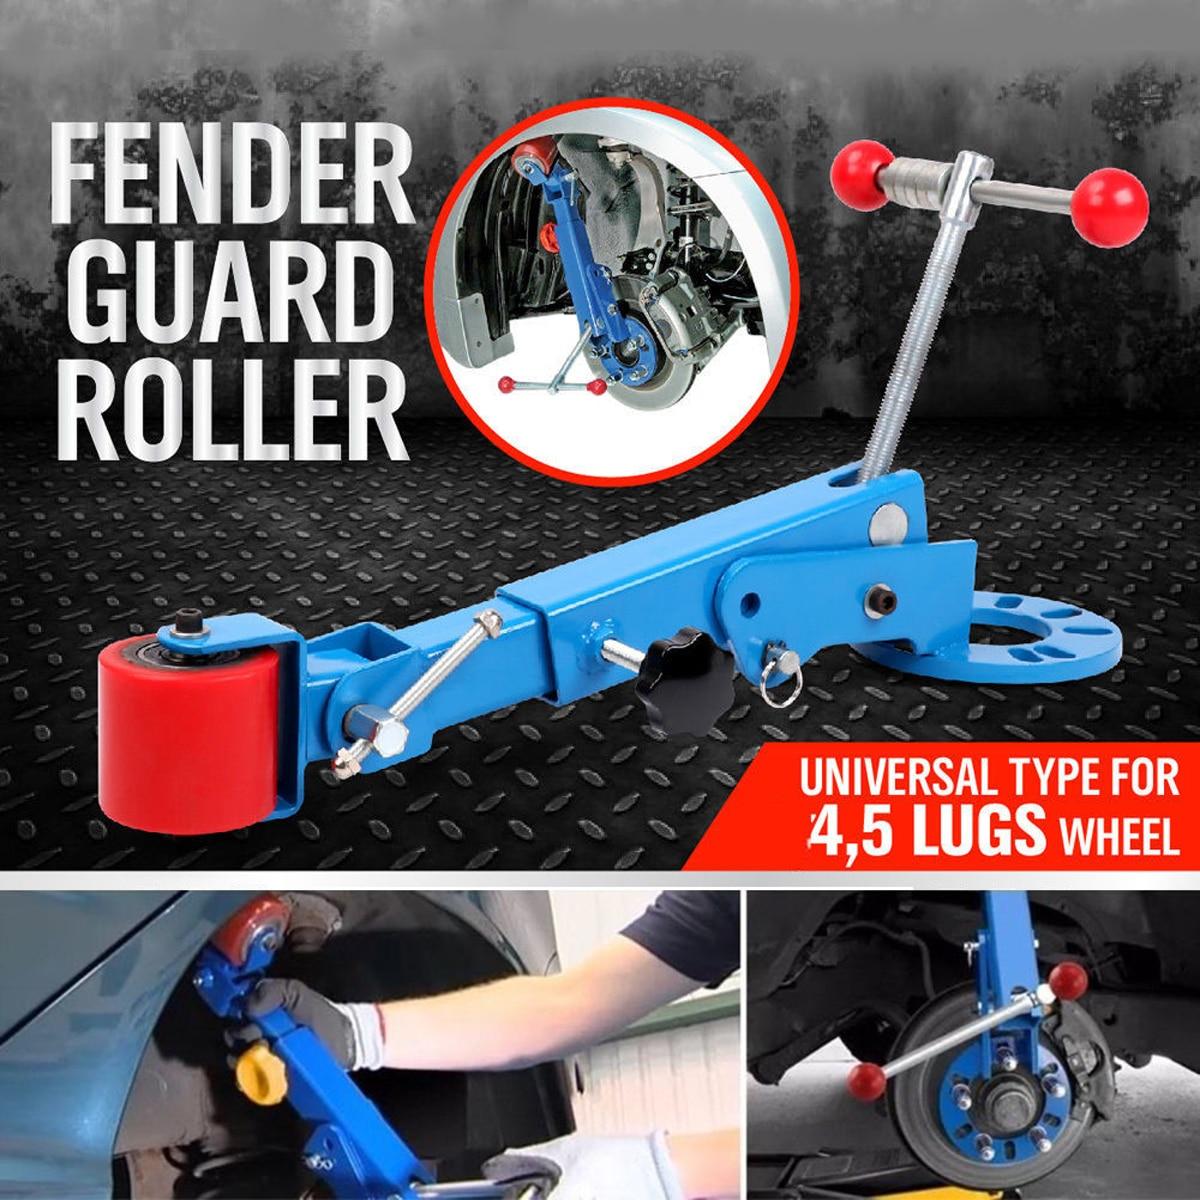 Rotolo per Fender Riforma Che Si Estende Strumento Wheel Arch Rullo Flaring Ex Heavy Duty di Parti di Macchine di Lavorazione Del Legno